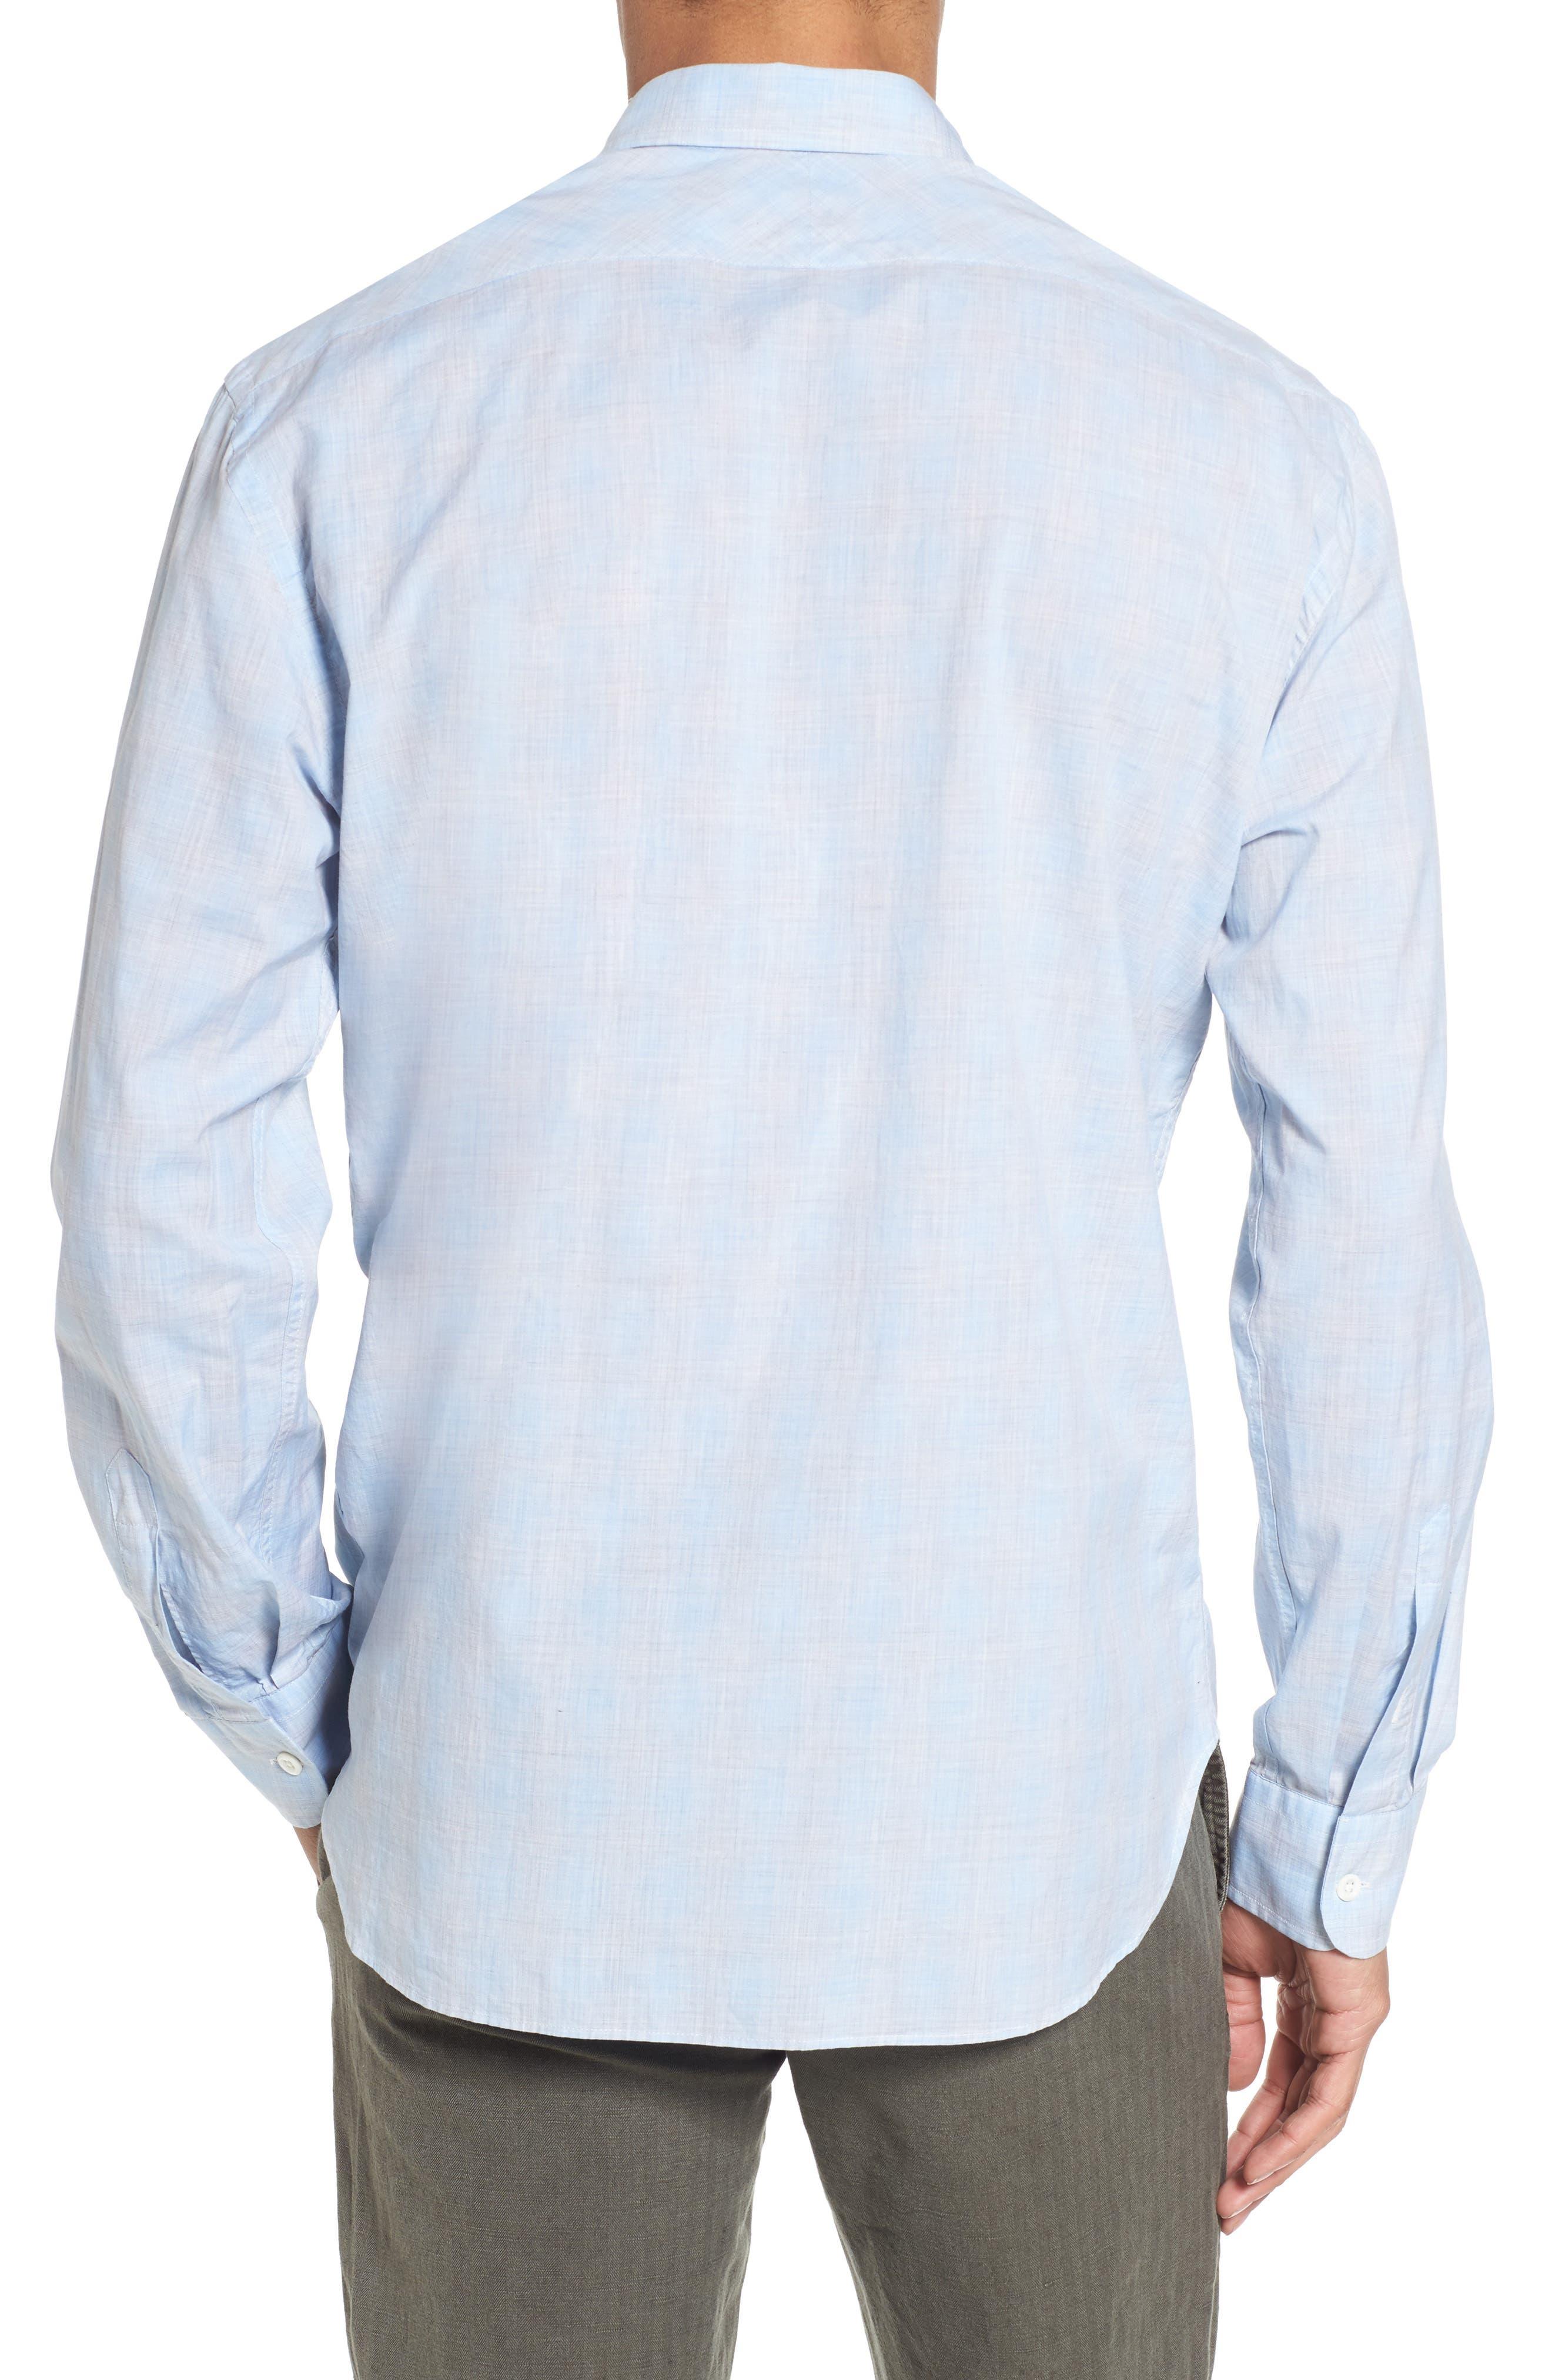 John T Slim Fit Sport Shirt,                             Alternate thumbnail 3, color,                             Light Blue